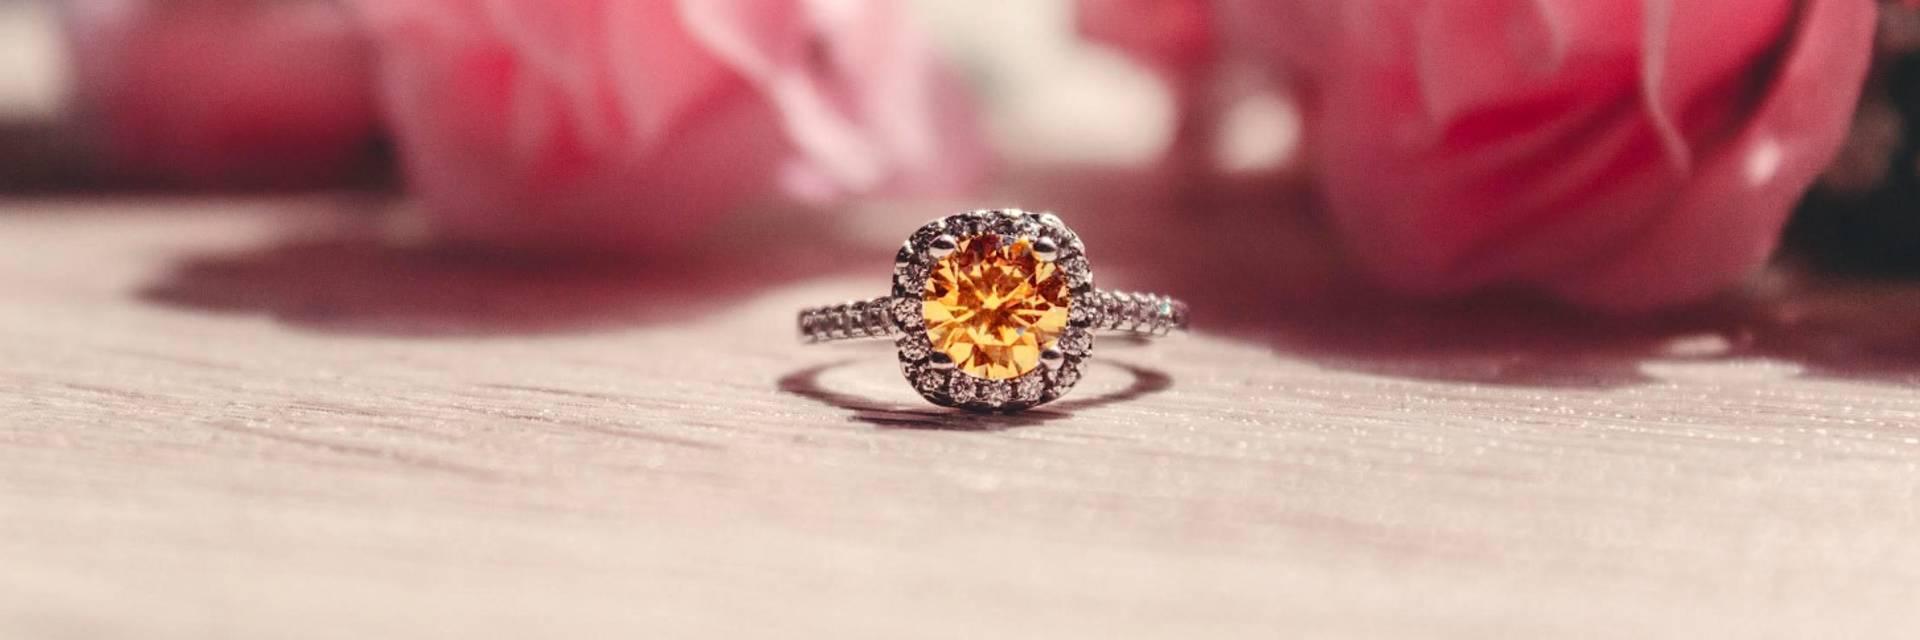 Create a memorial family diamond